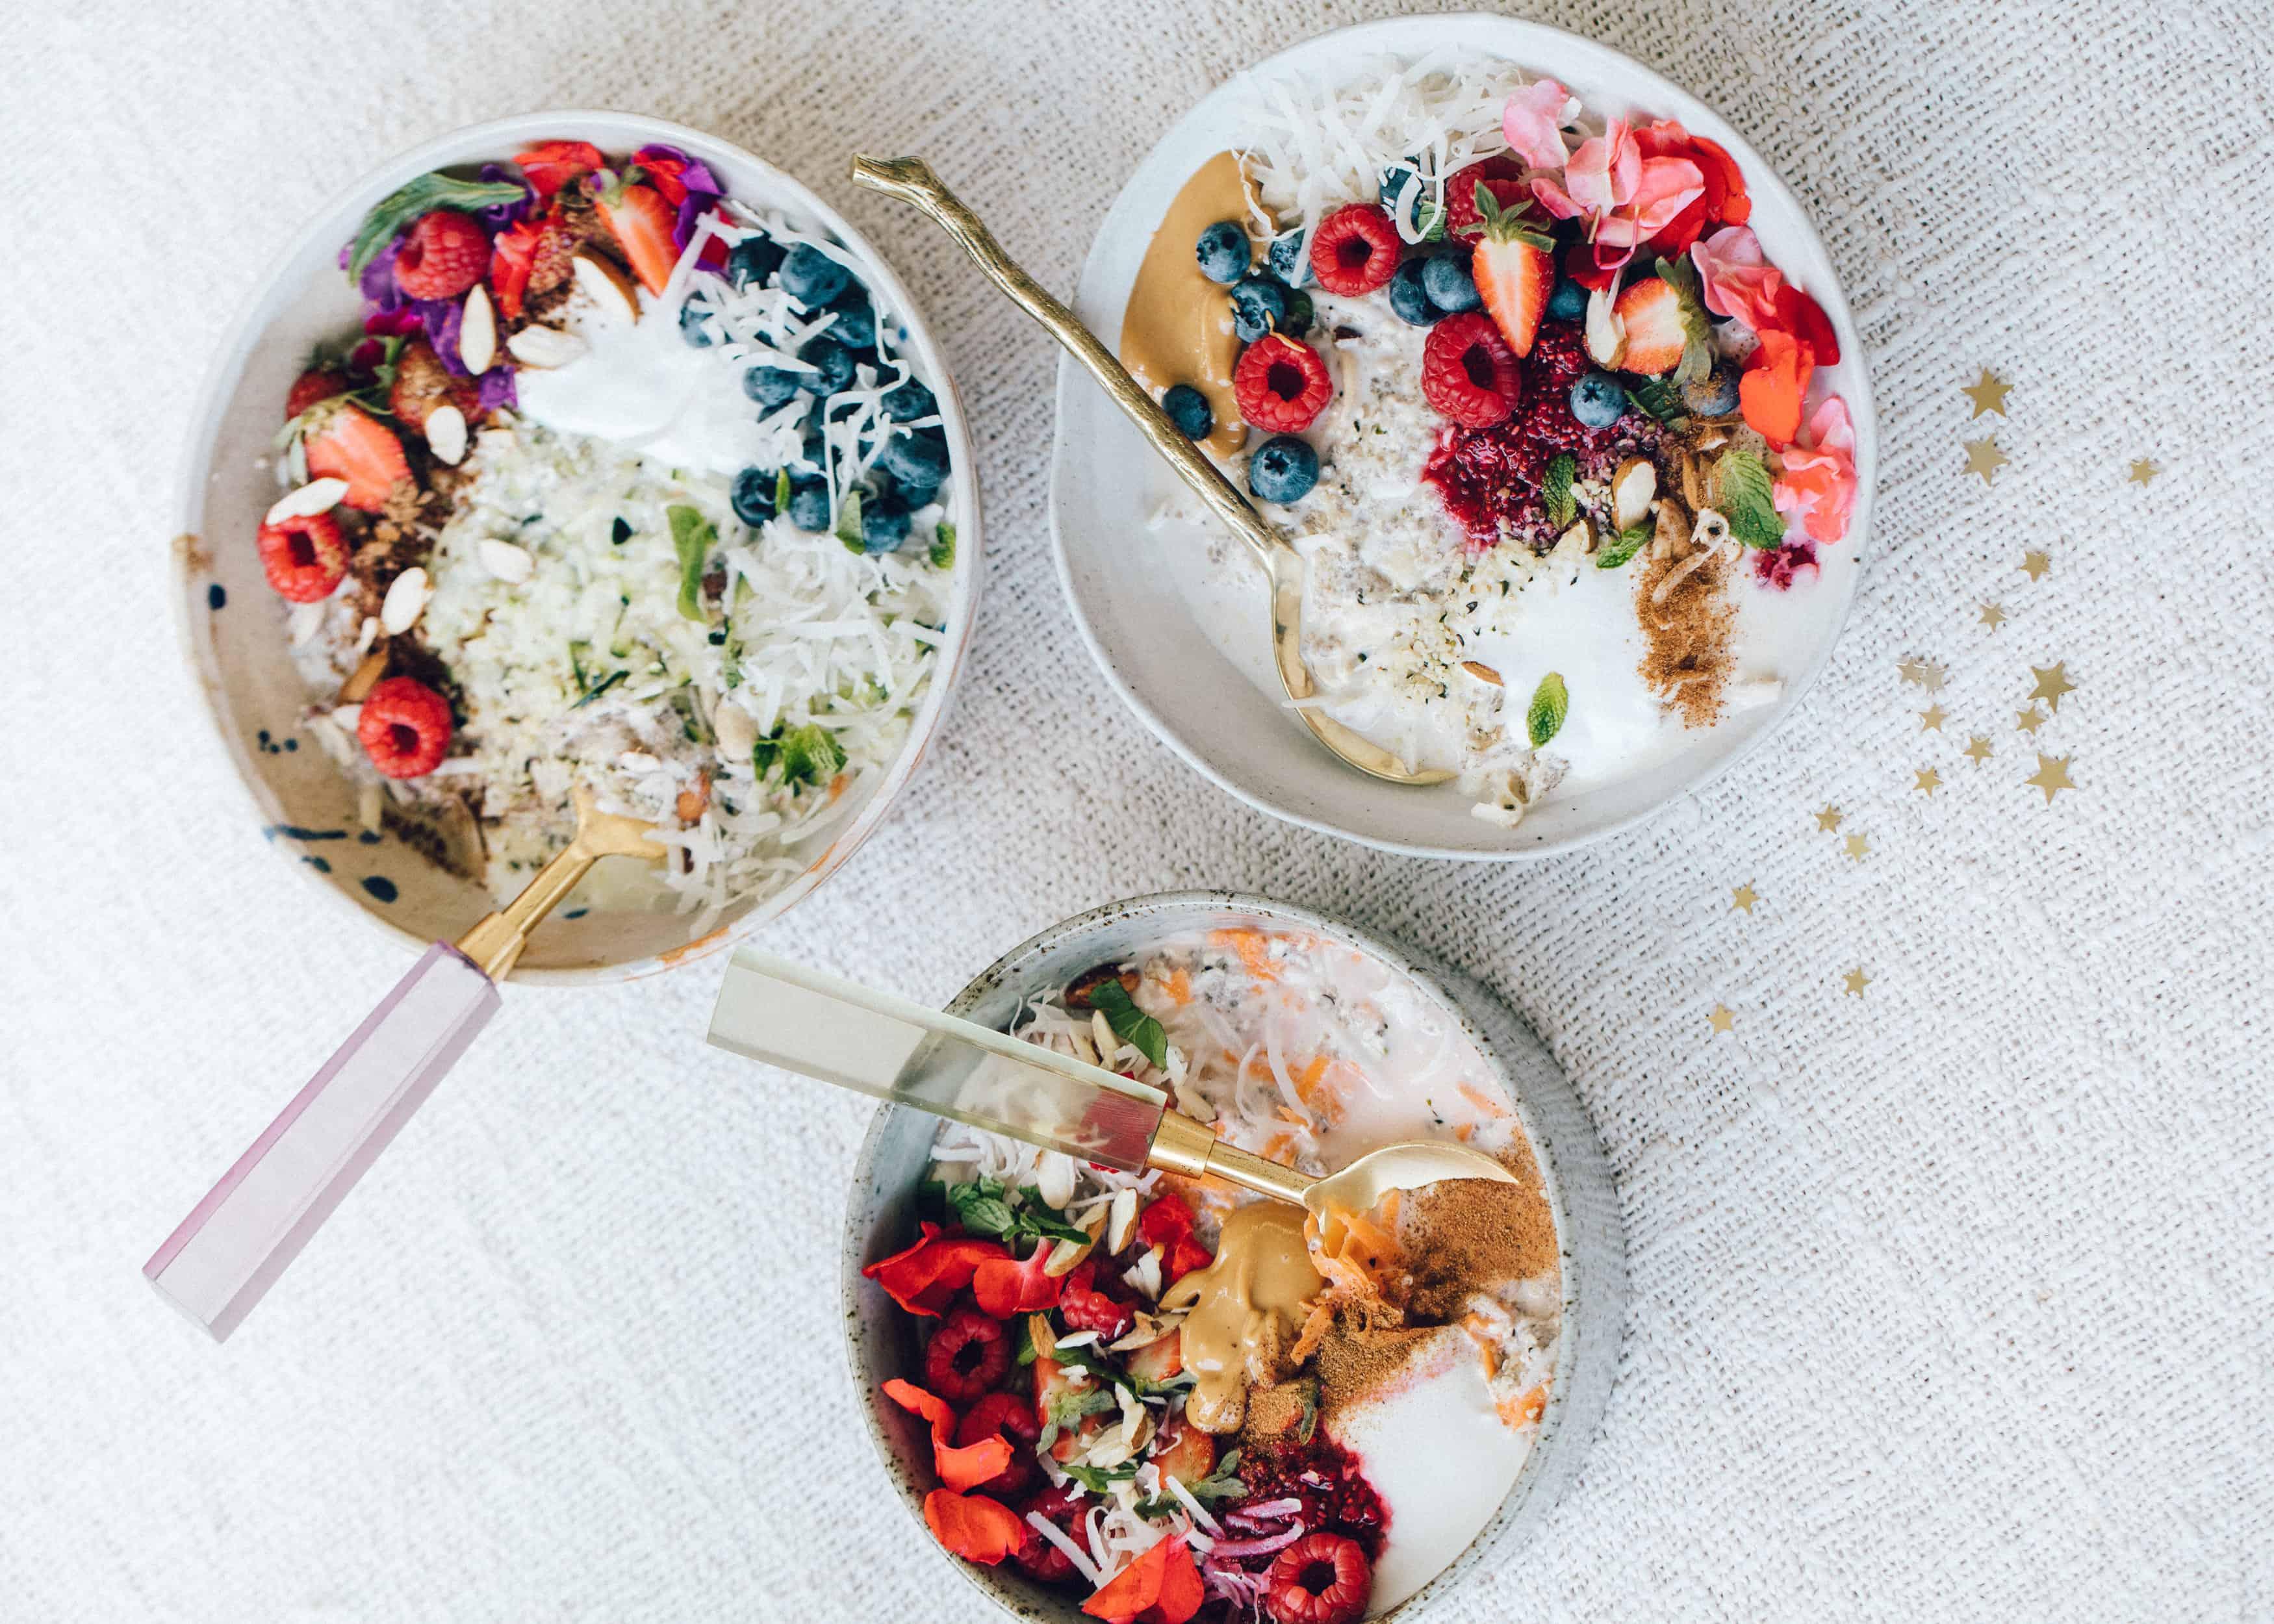 Yes, de week is weer begonnen en die willen wij alle gezond doorkomen. Girls Who Magazine helpt je daar graag een handje bij. En hebben daarom 5 heerlijke, gezonde ontbijt bowls onder een rijtje gezet.